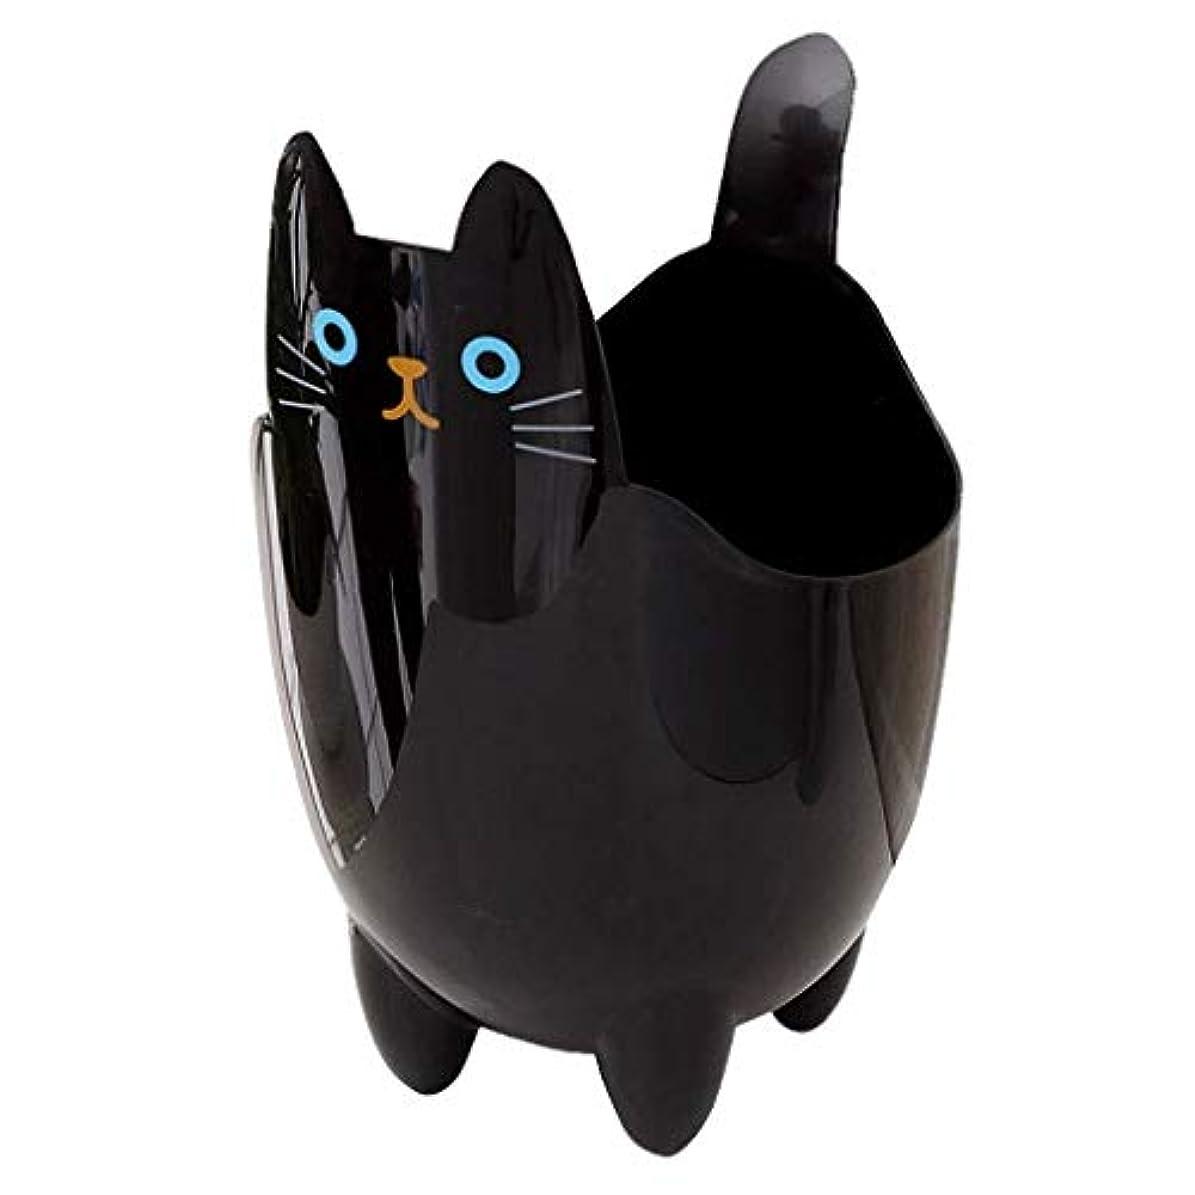 かき混ぜる水族館デコードするオフィスの浴室の居間のための創造的な収納収納バケツかわいい猫のゴミ箱 (Color : Black)